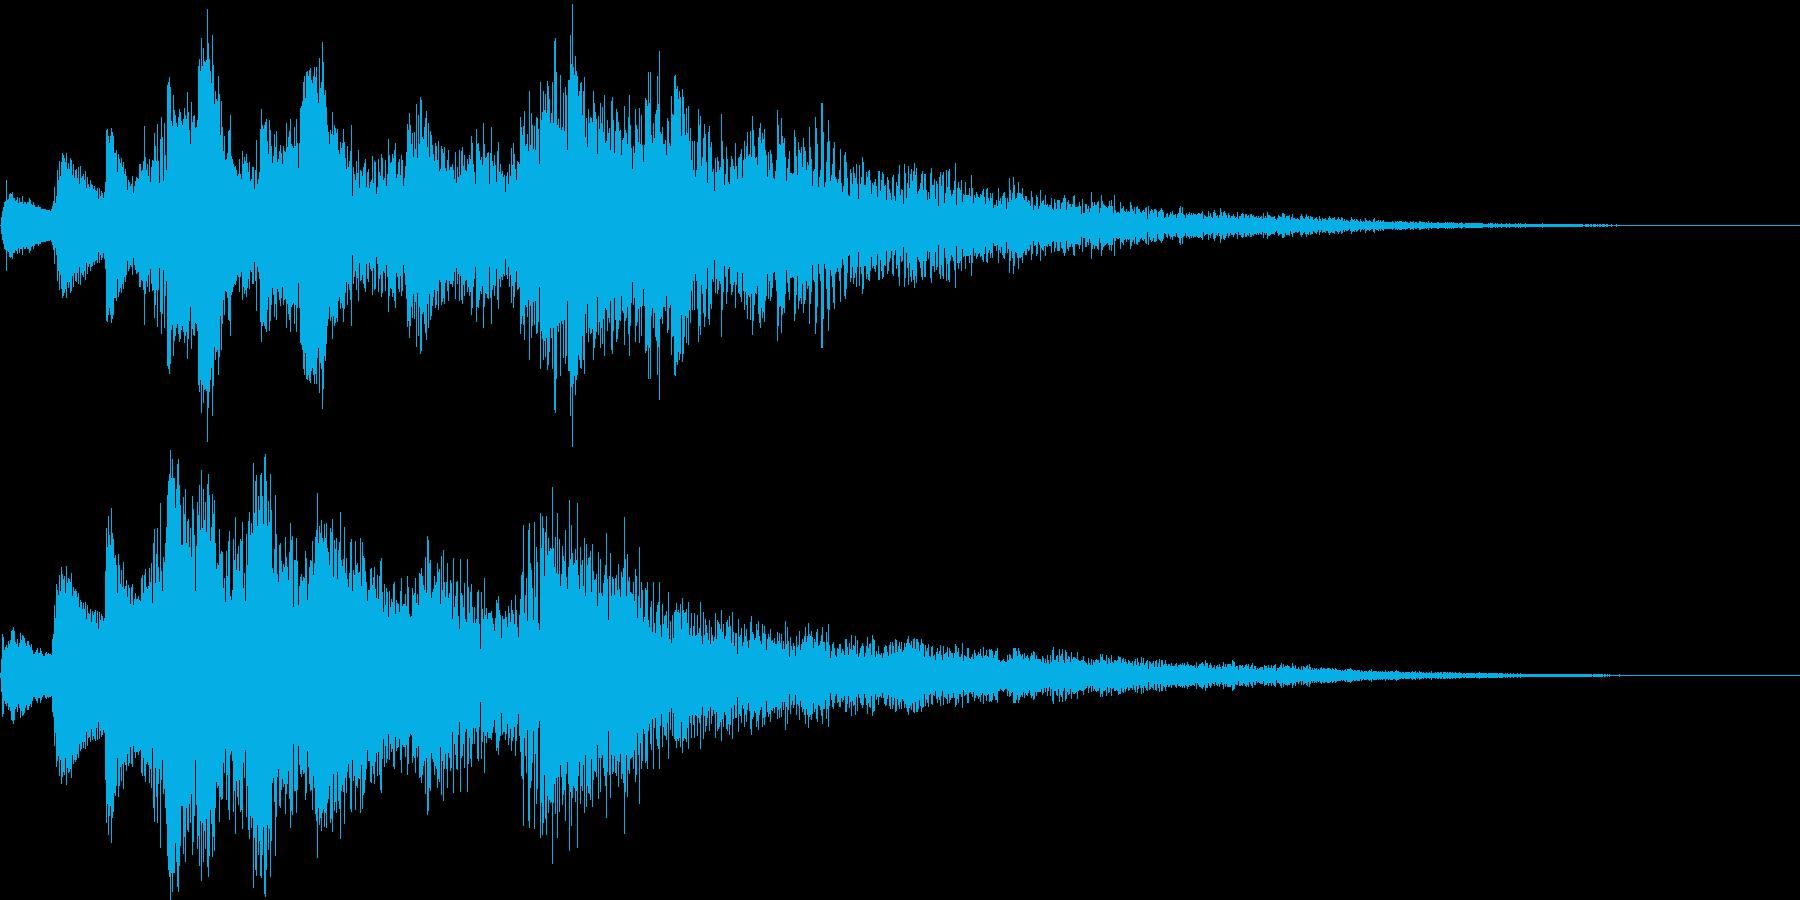 アイキャッチ用ジングル2 - ピアノ+αの再生済みの波形